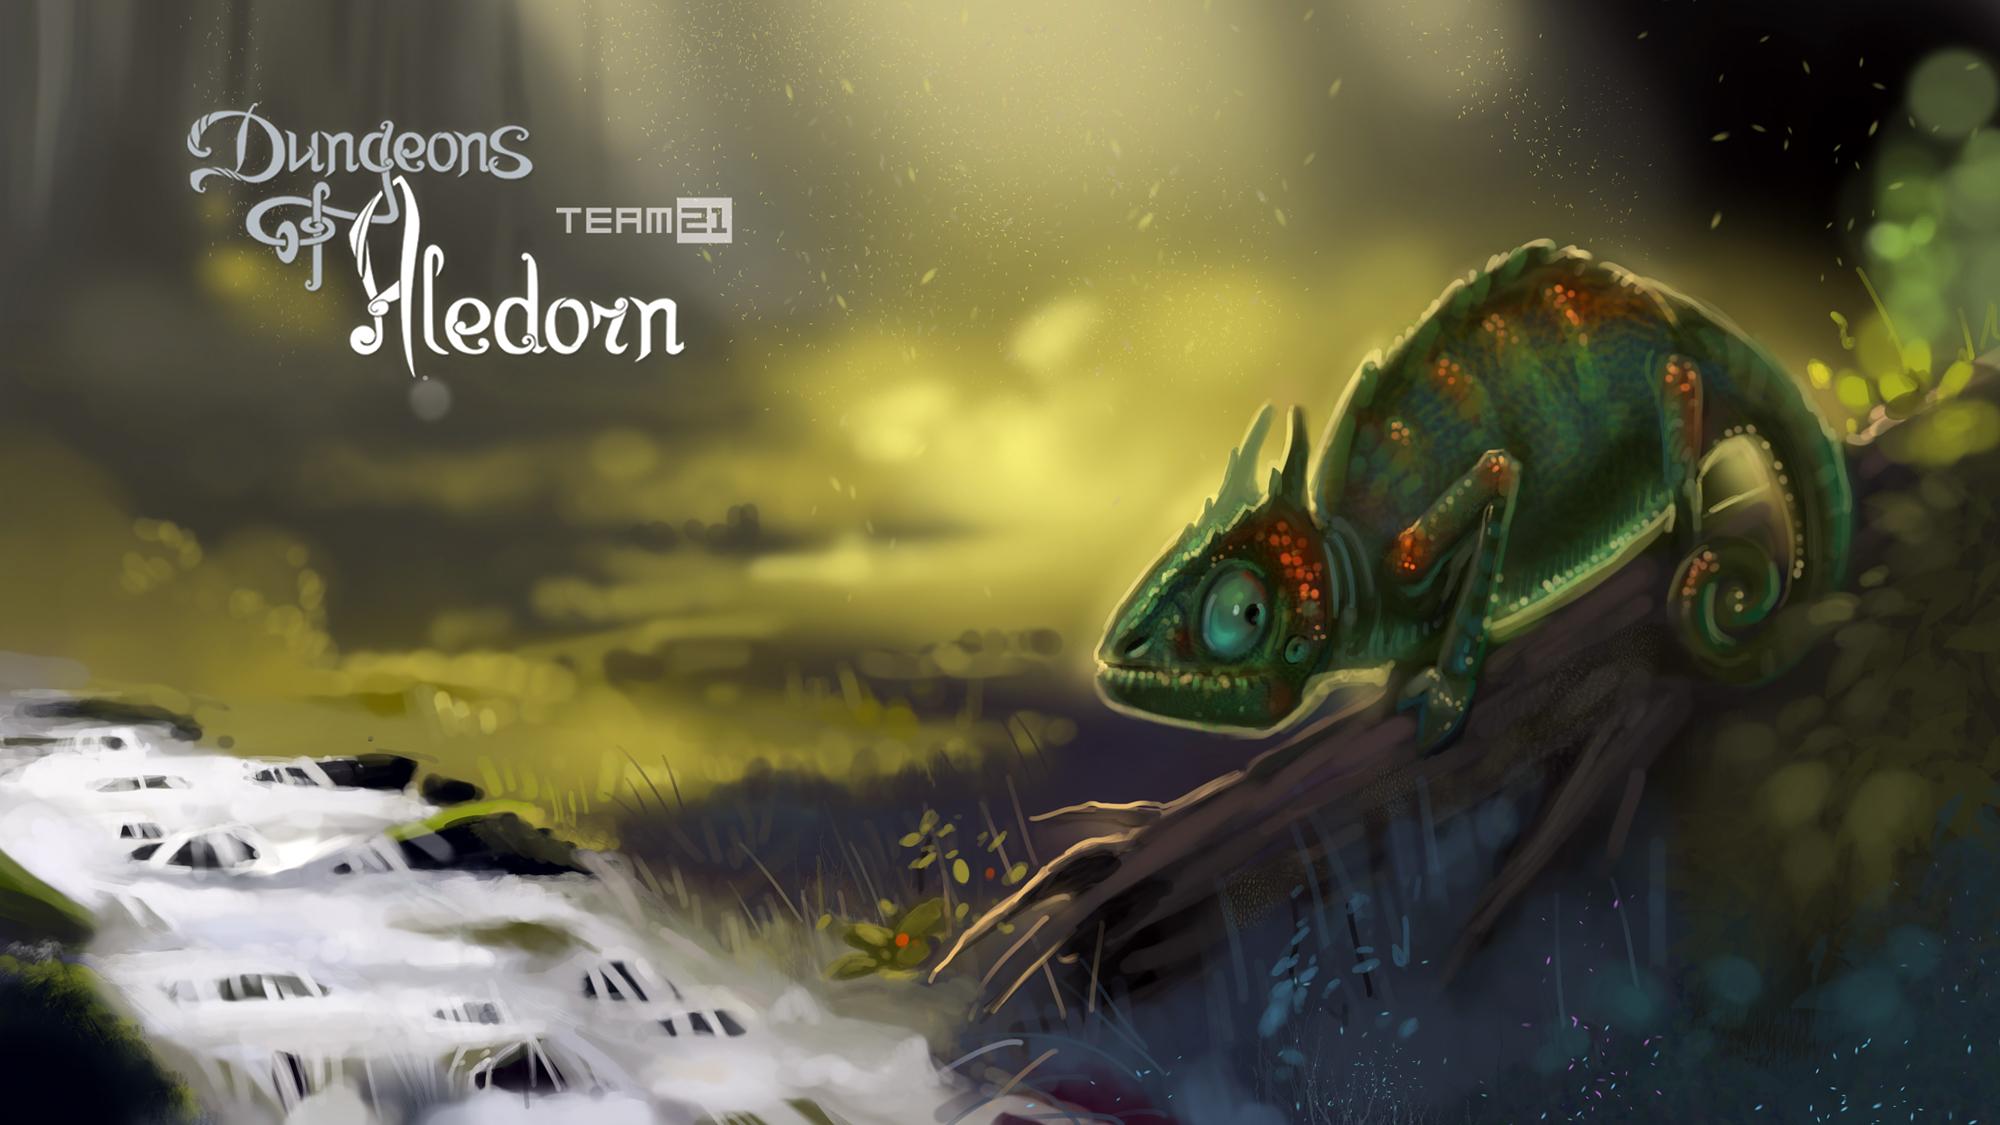 DoA_Team21_Dungeons_of_Aledorn_update_chameleon_ART